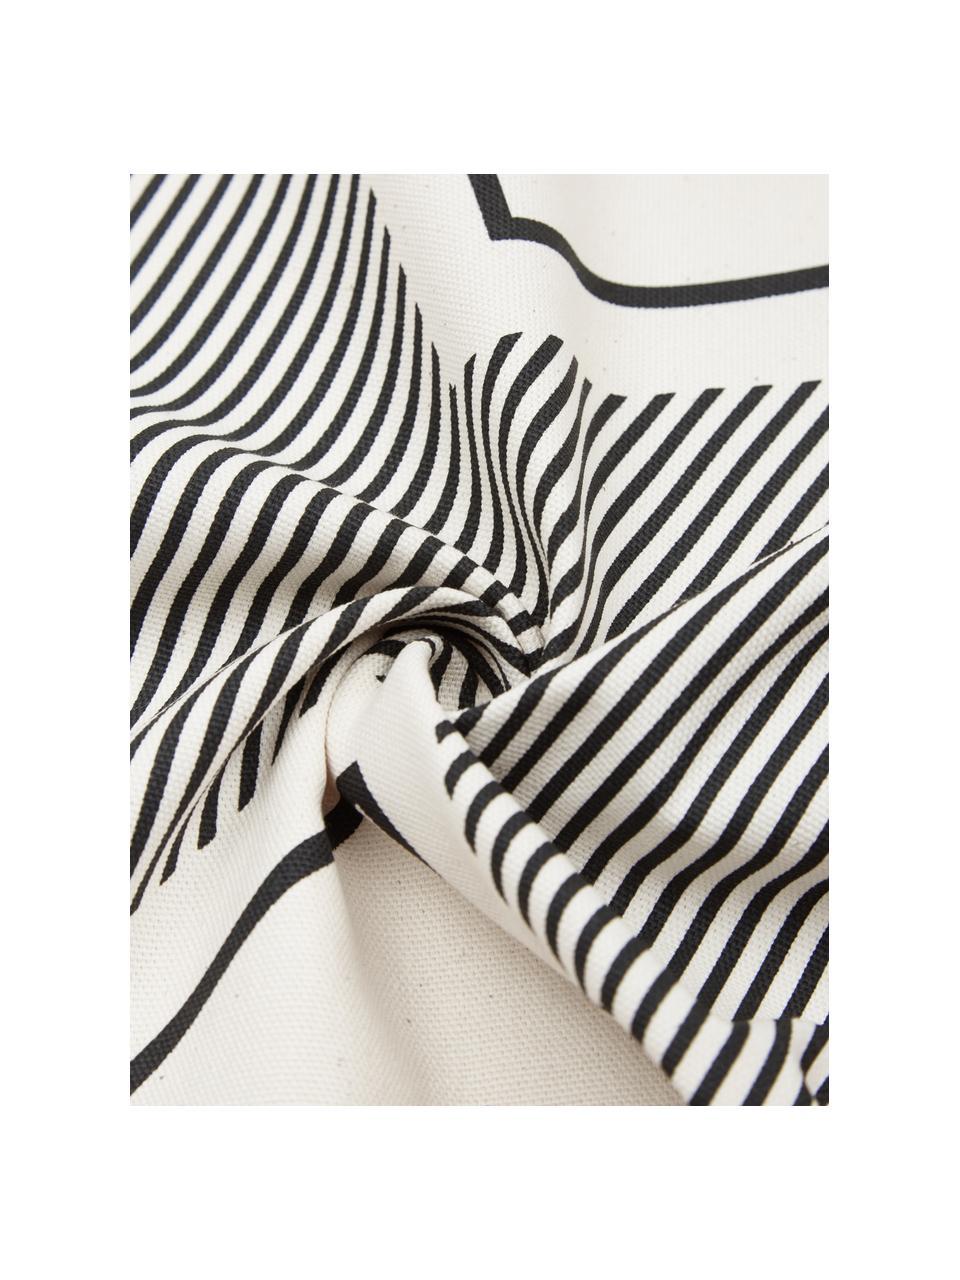 Boho-Kissenhülle Indy in Cremeweiß/Schwarz, 100% Baumwolle, Weiß, Schwarz, 45 x 45 cm